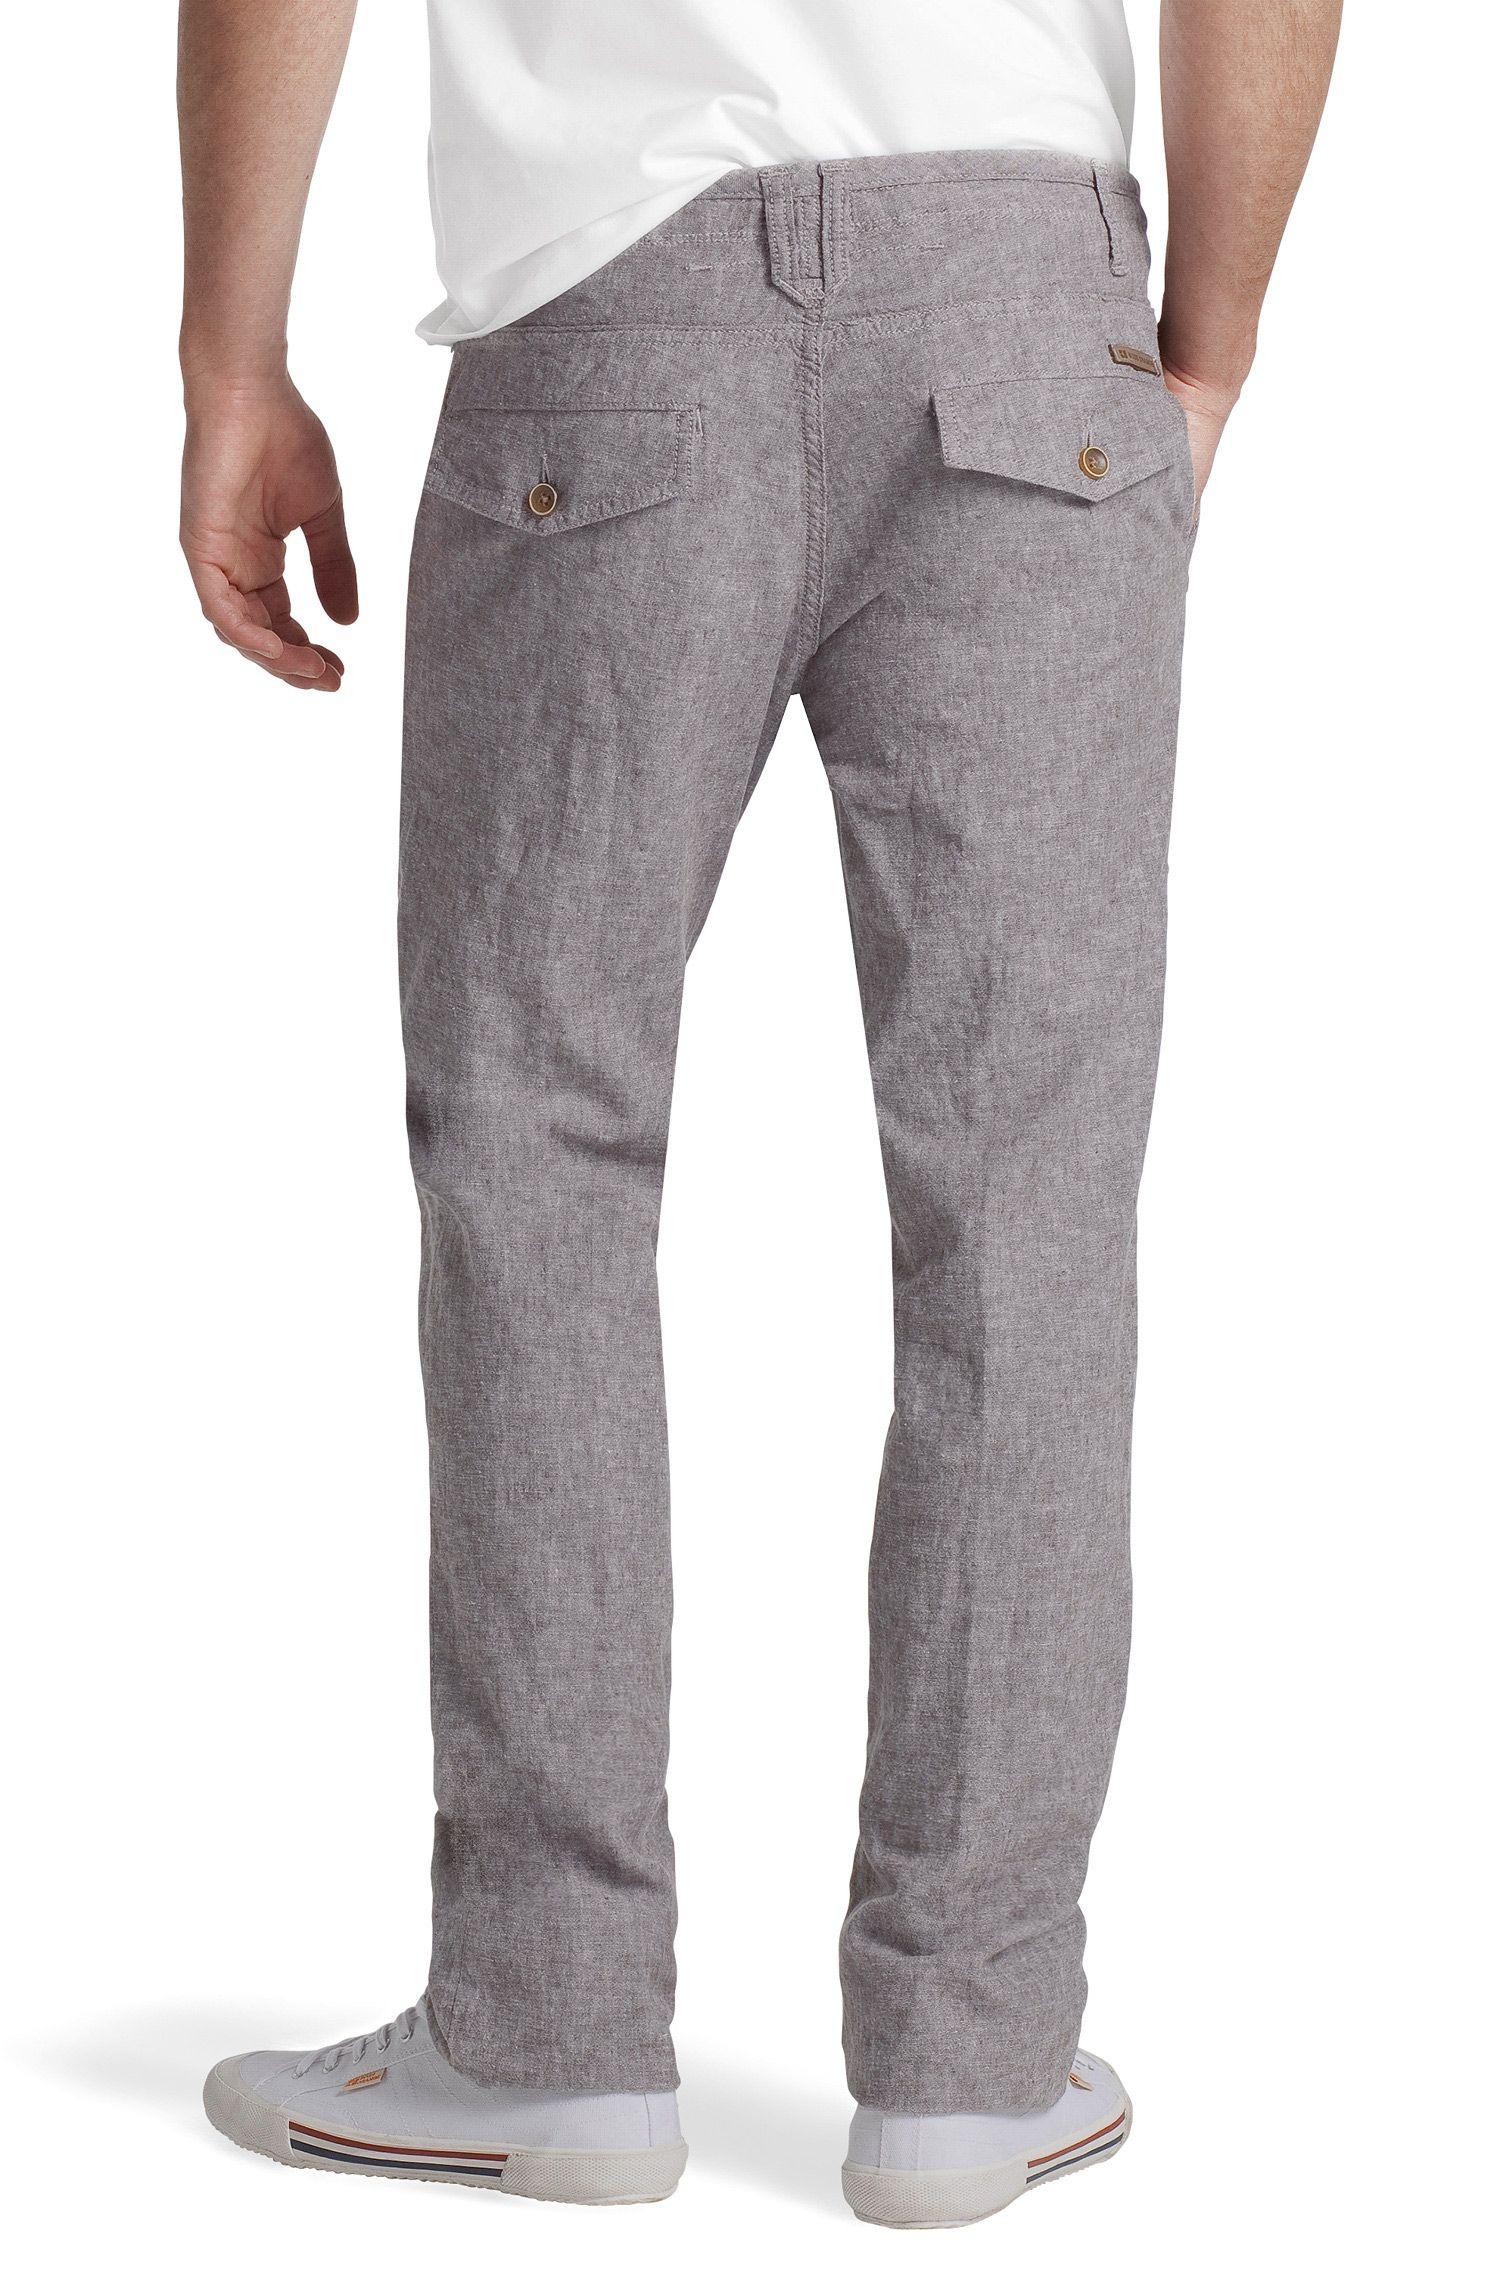 Pantalon détente en lin et coton, Slant-W